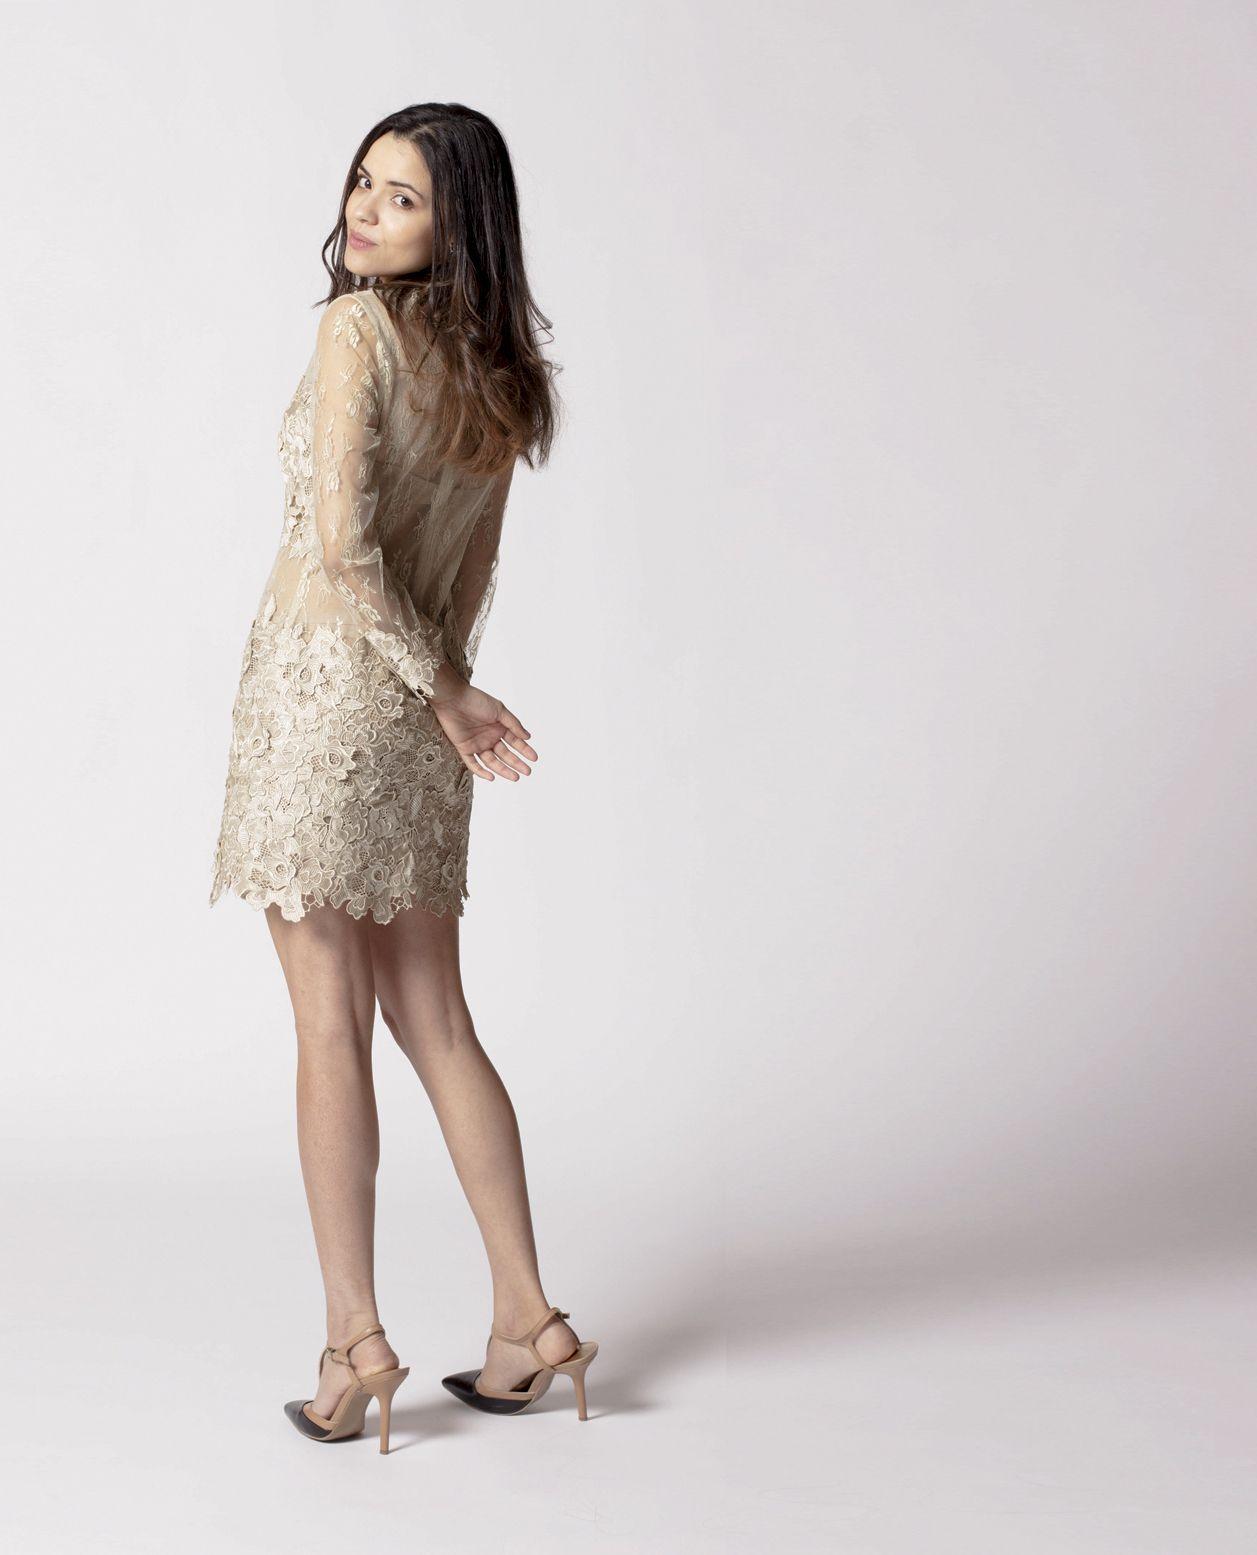 Model: Alexandra Photographer: Eva Make-up: Johnny Dress: 3NY